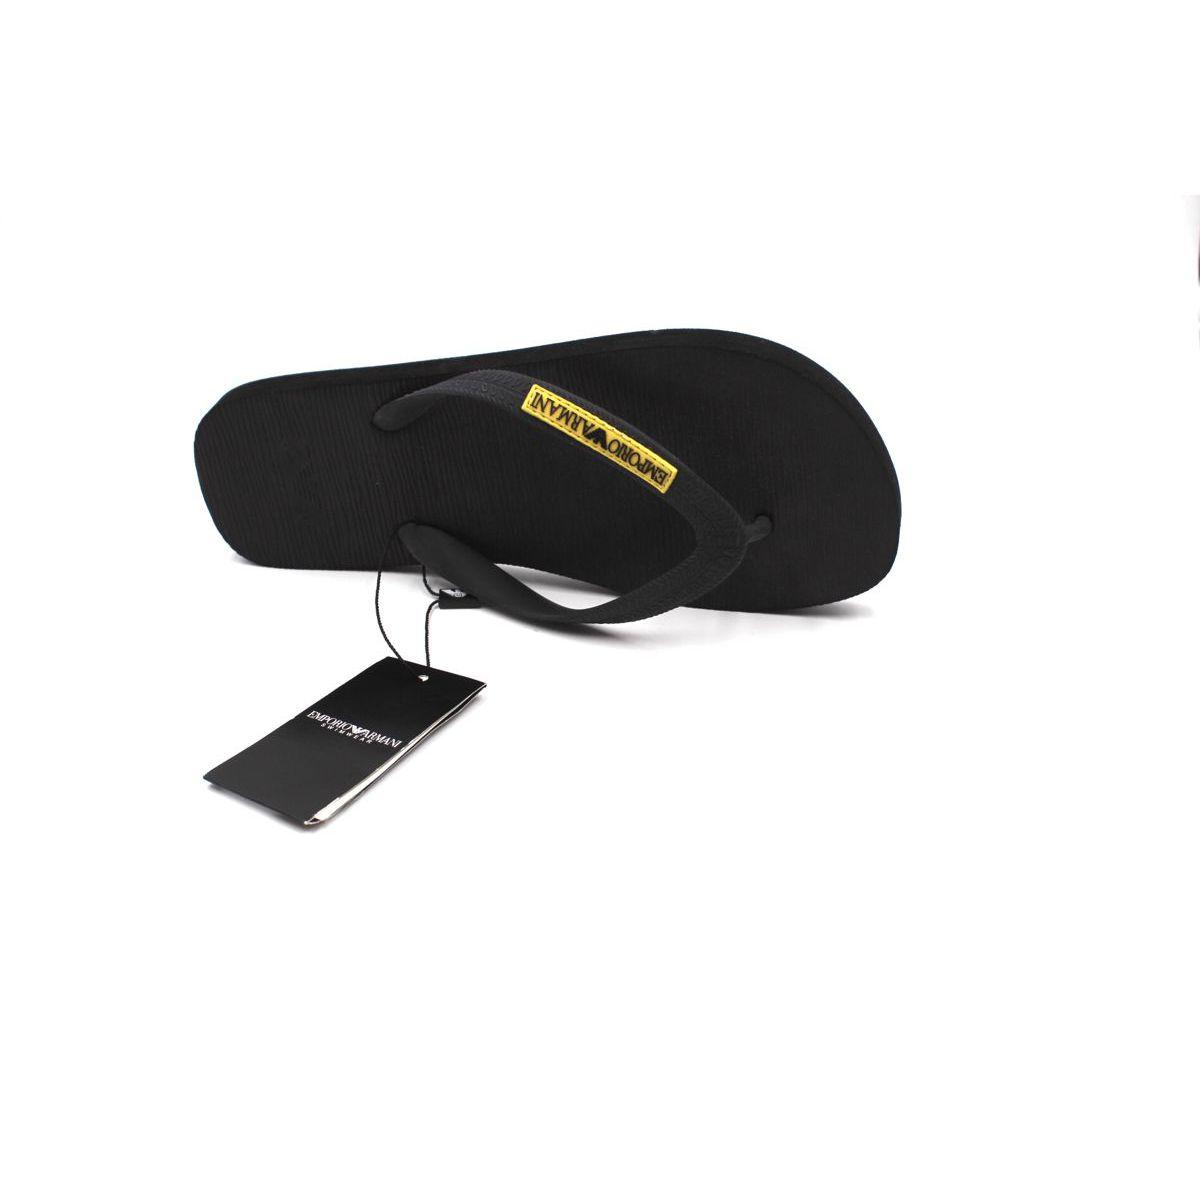 EA flip flop Black Emporio Armani